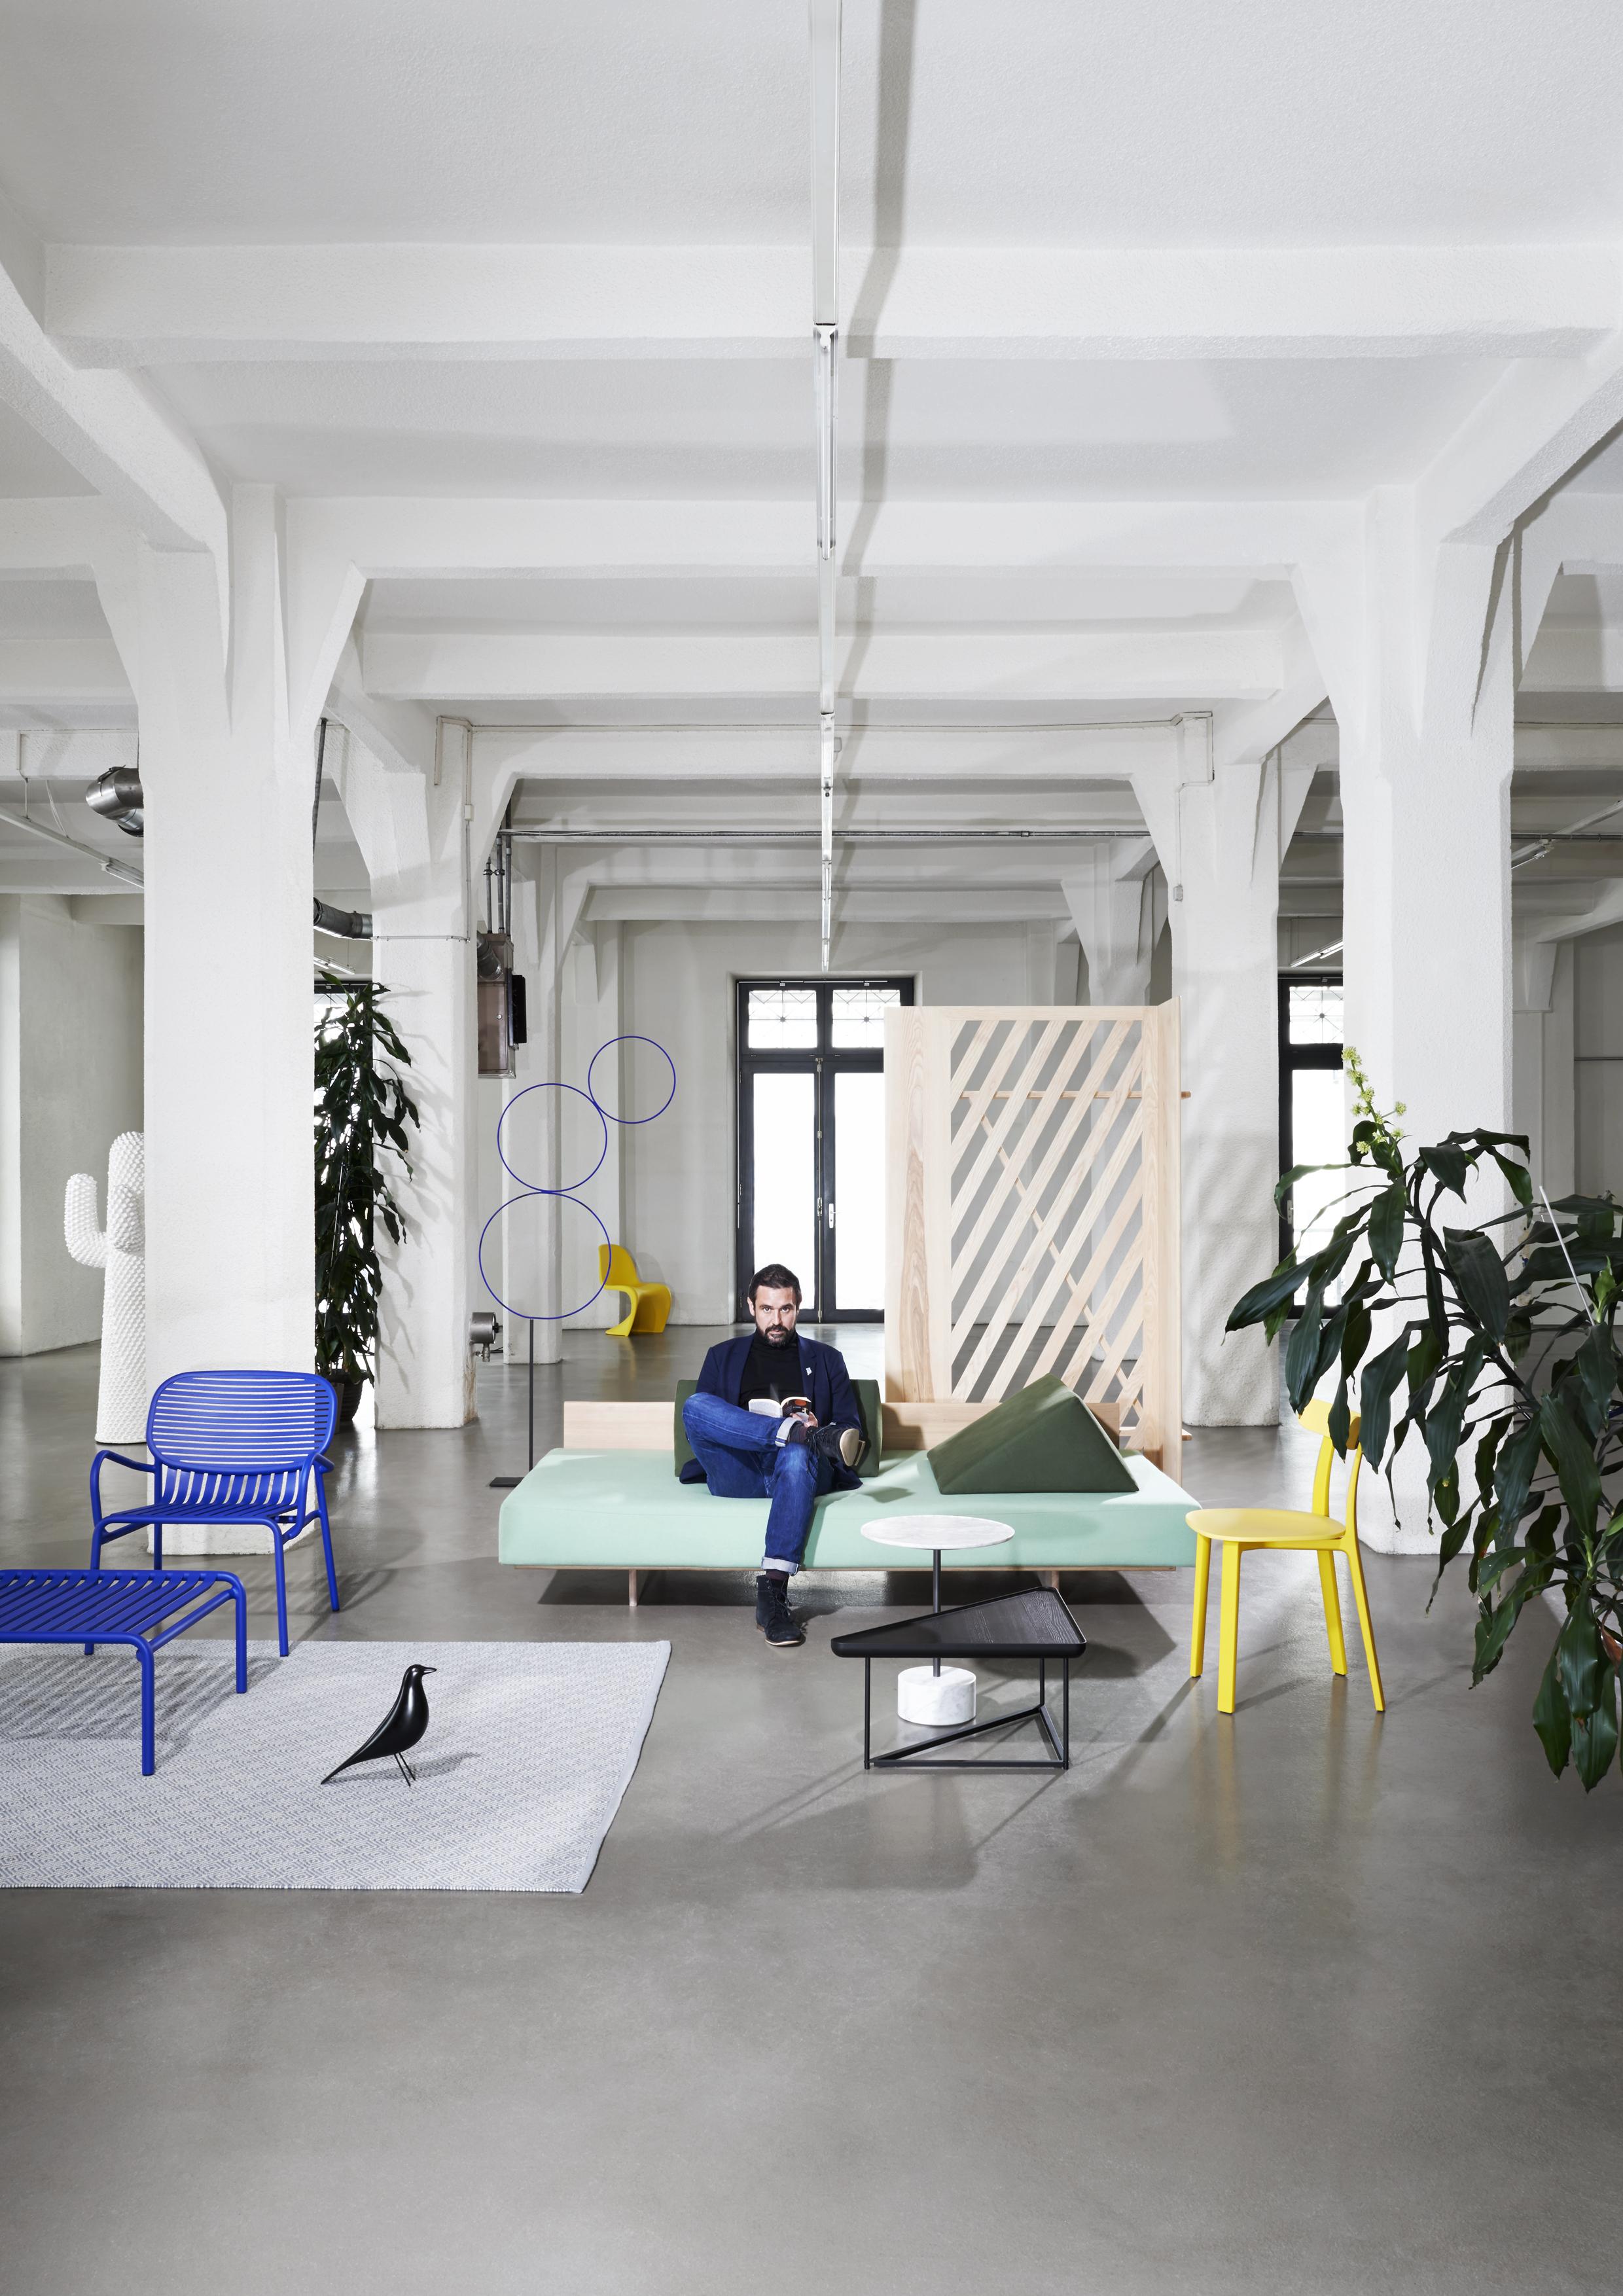 moyard ouvre lausanne un magasin de design ph m re le temps. Black Bedroom Furniture Sets. Home Design Ideas